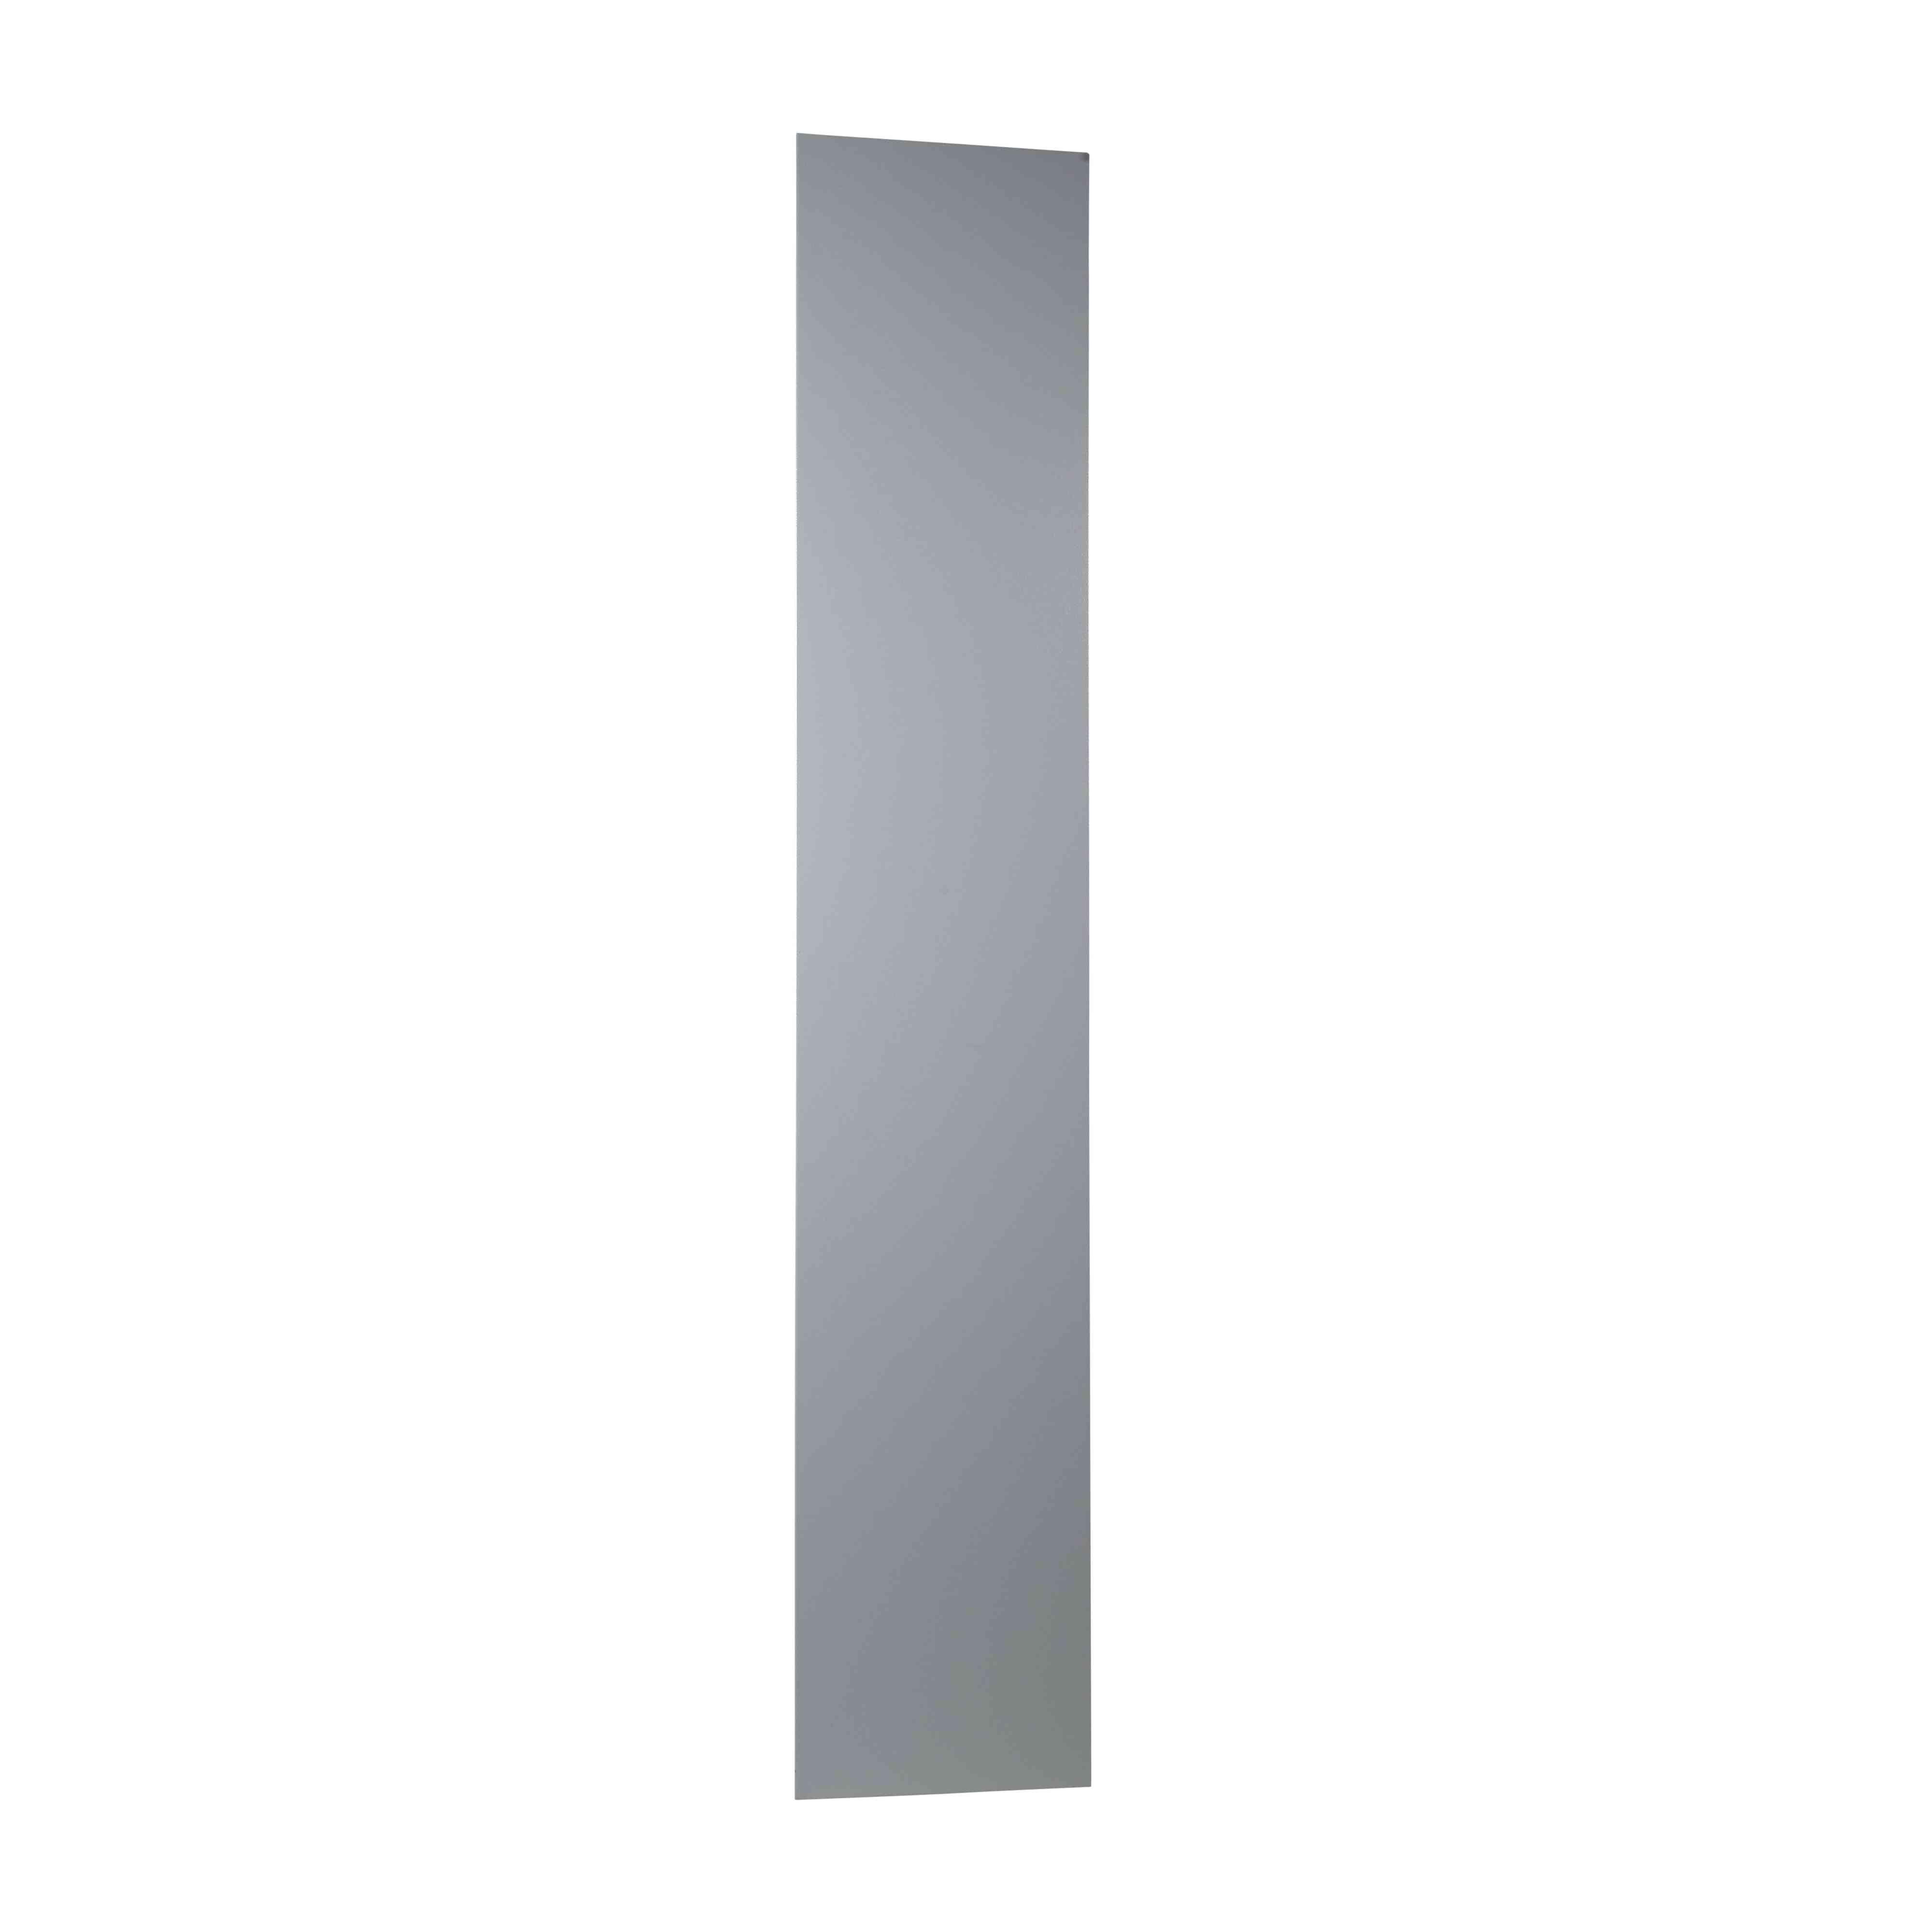 Stranske plošče Spacial SF za notranjo pritrditev - 2200 x 800 mm